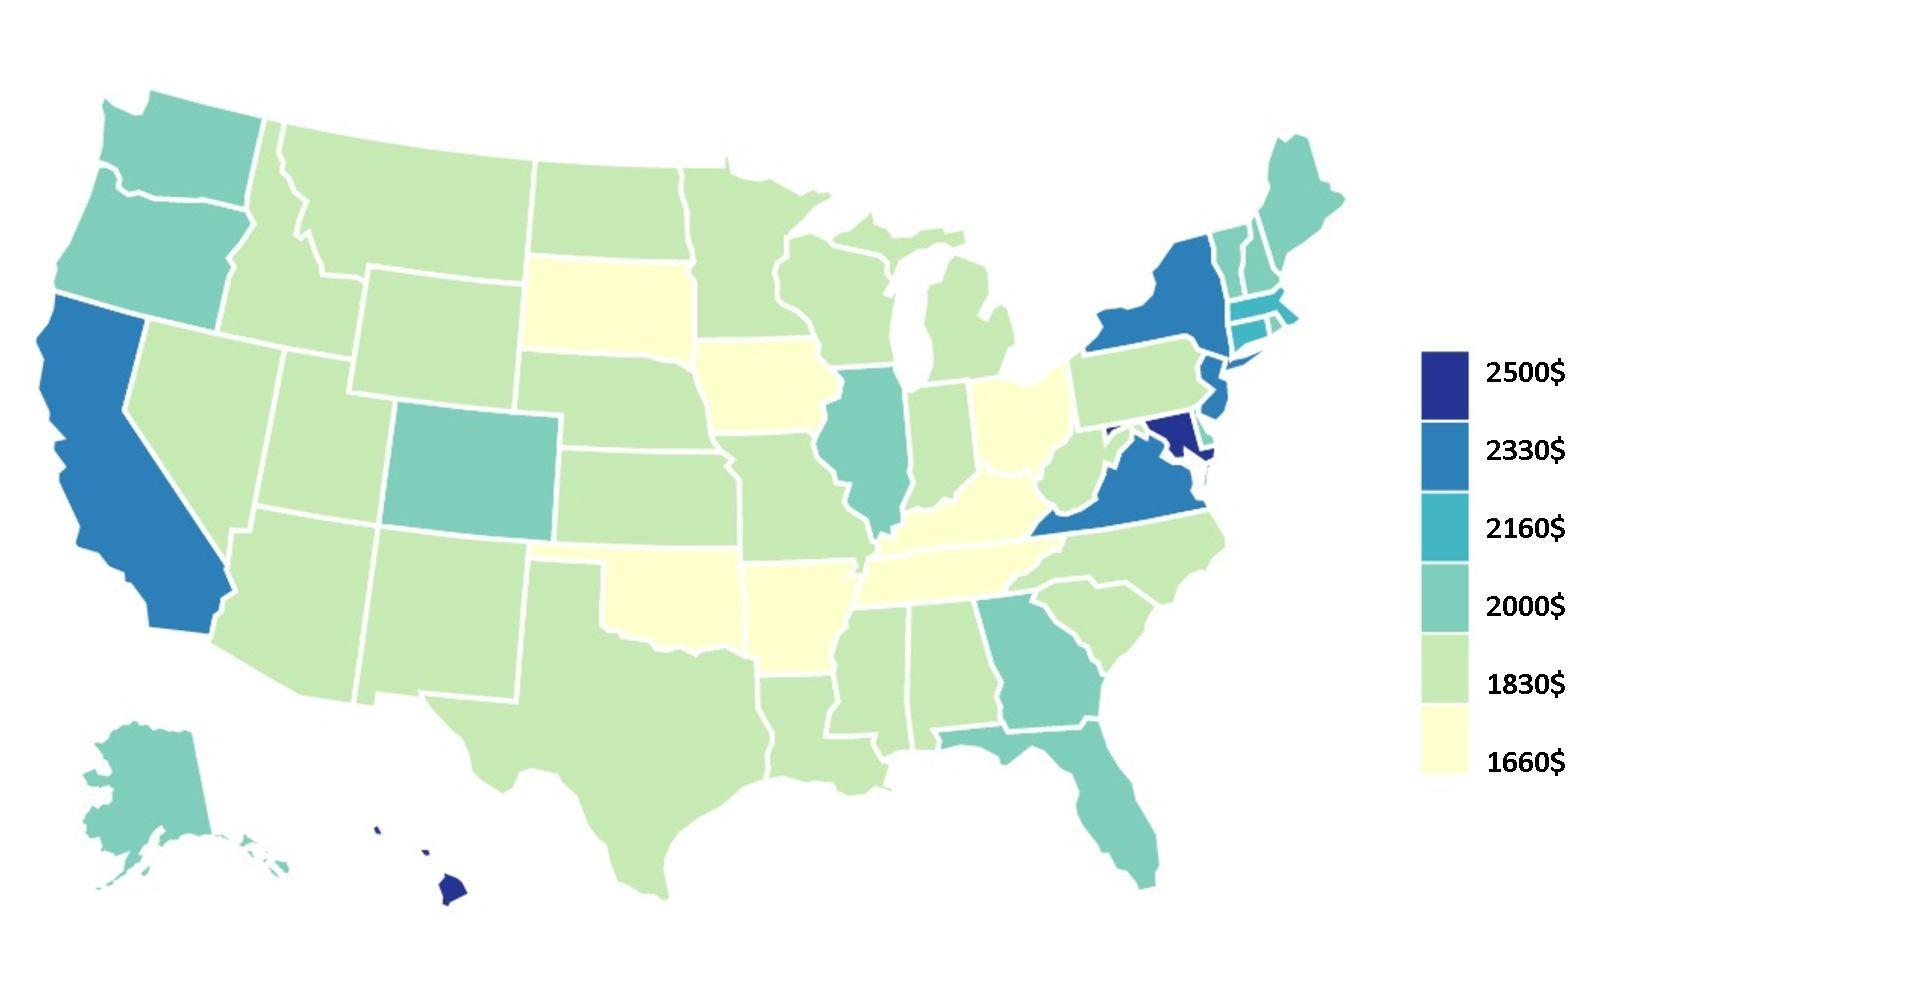 Размер месячной зарплаты, которую должен получать житель США